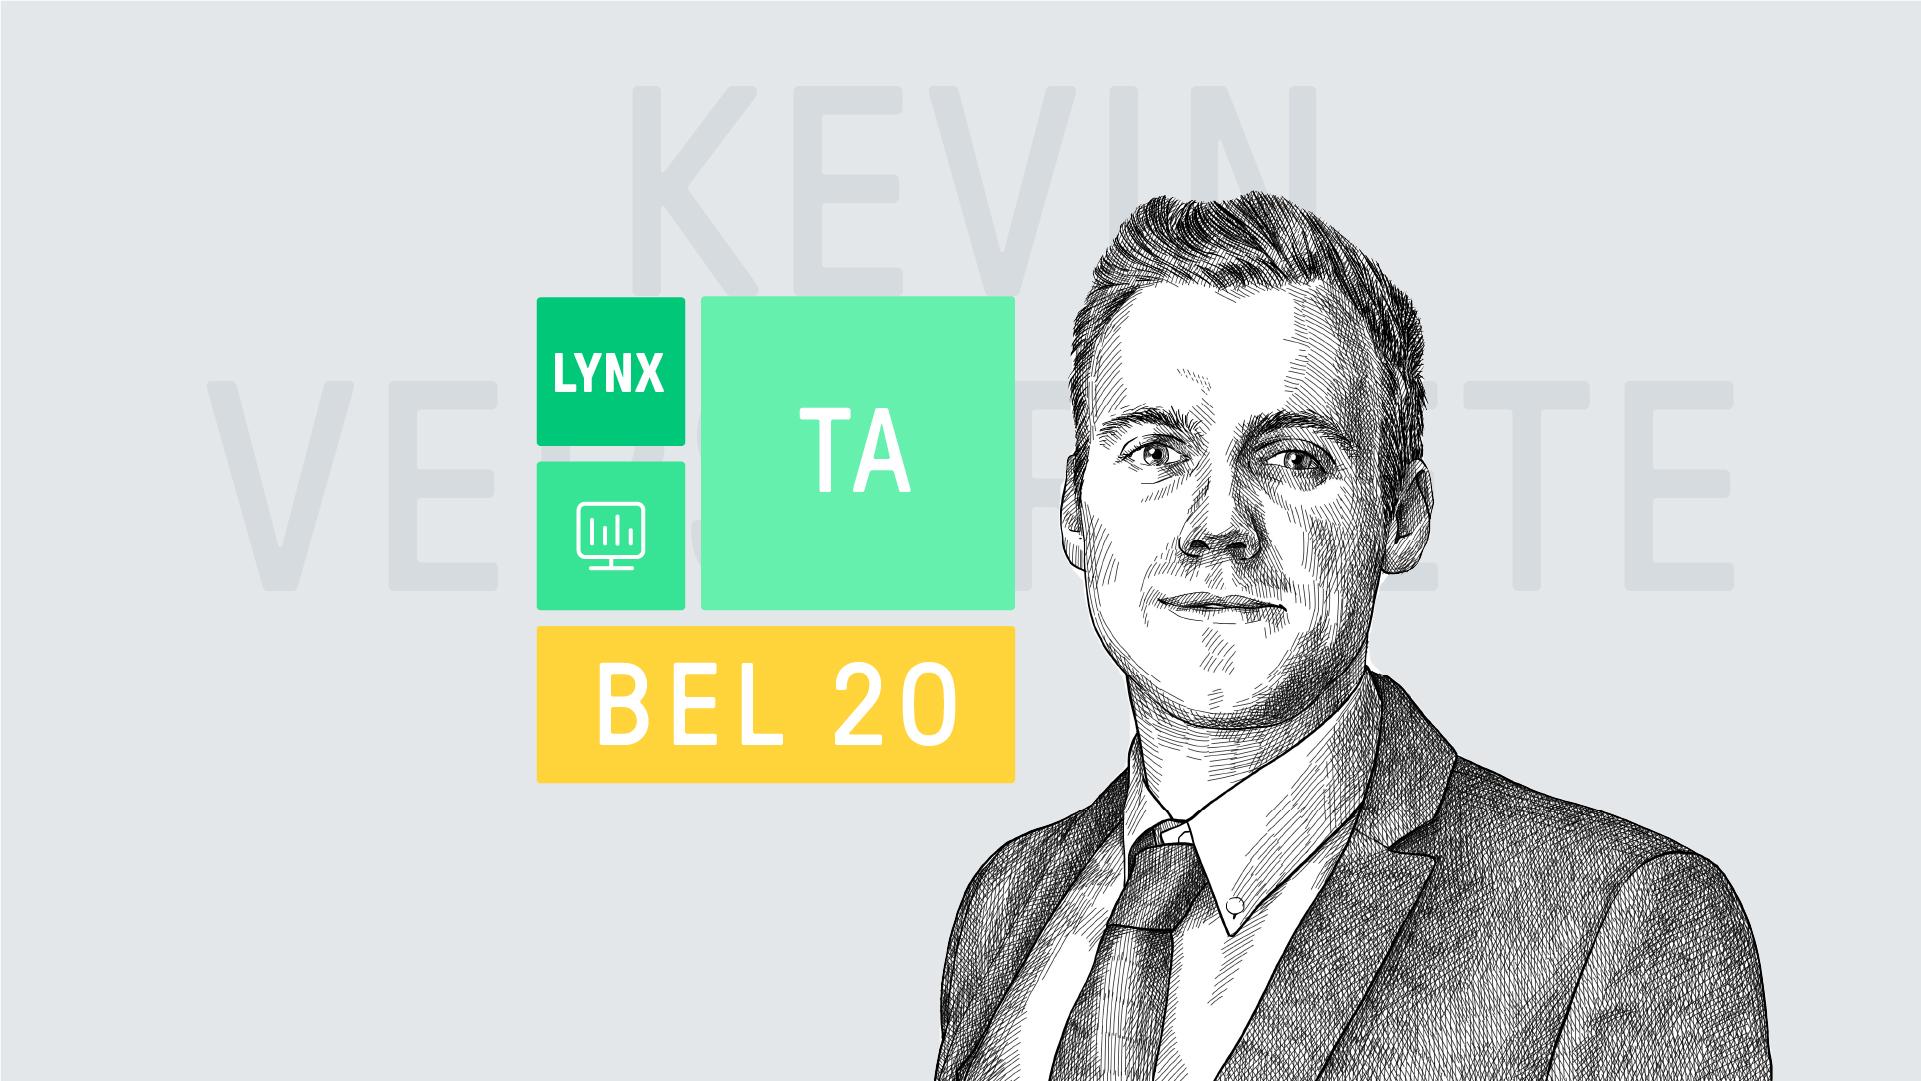 Elke maandag analyseert beleggingsexpert Kevin Verstraete de BEL 20 index op basis van technische analyse